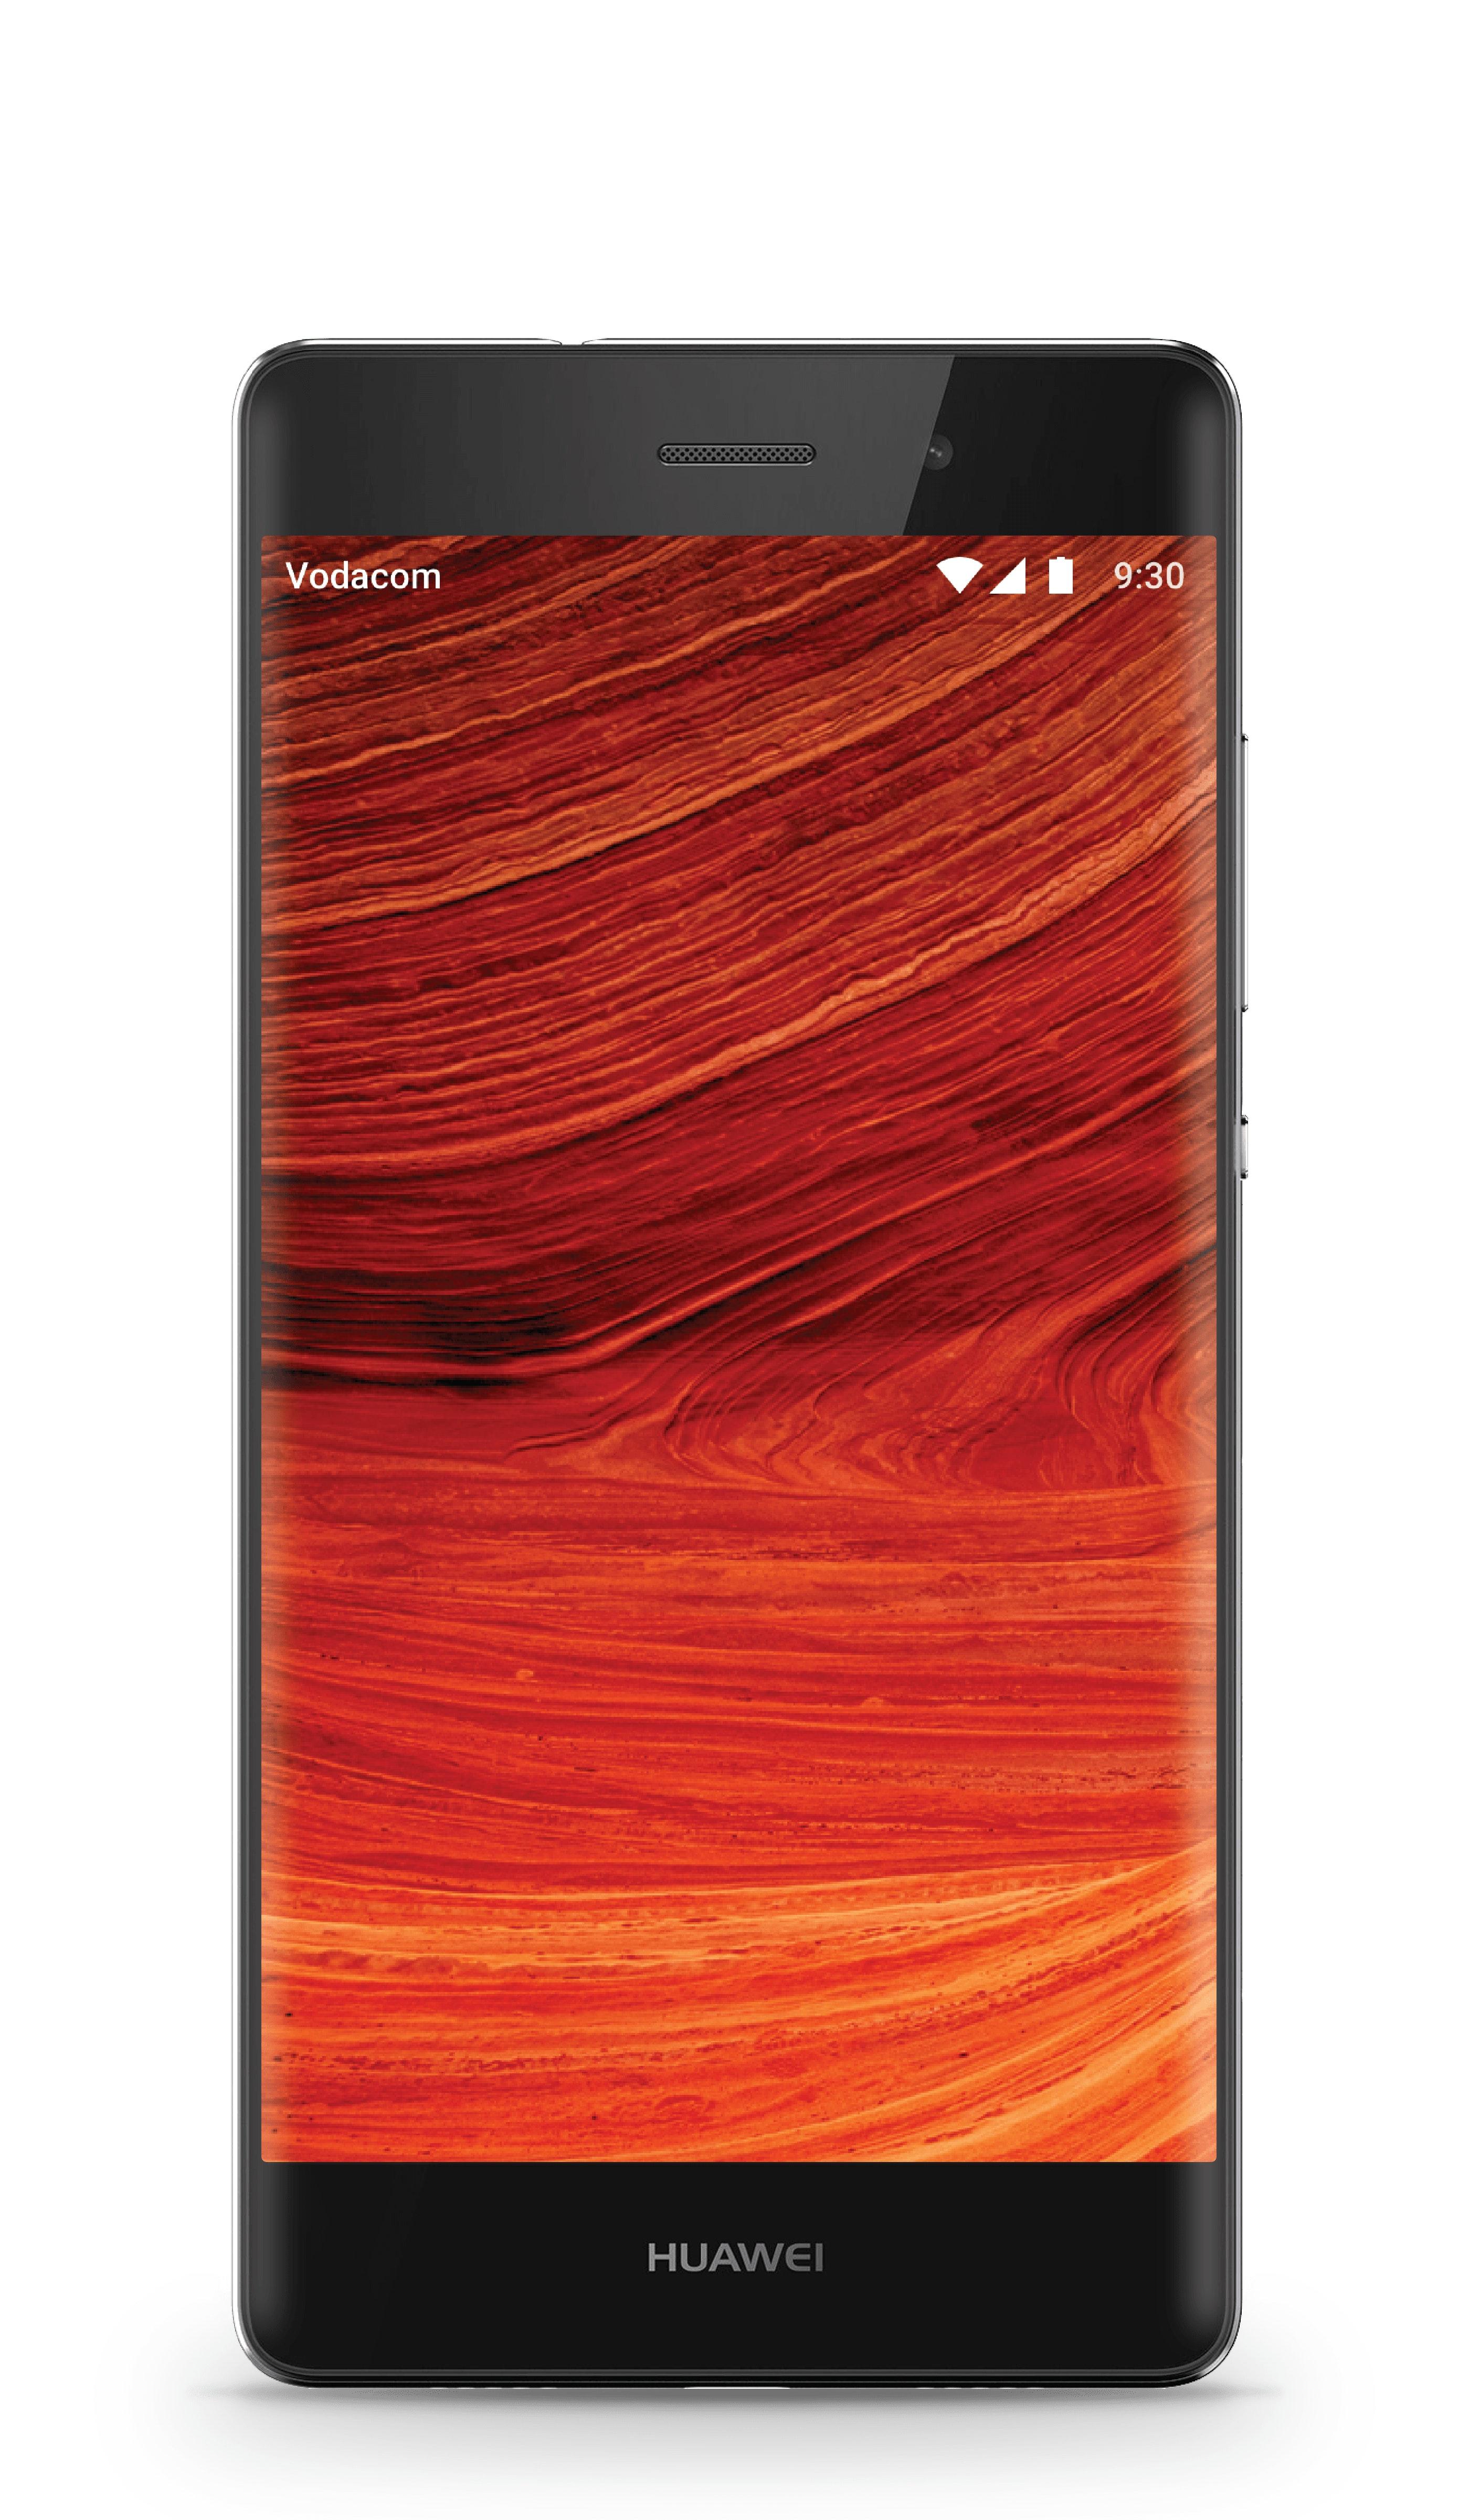 Huawei P8 Lite image